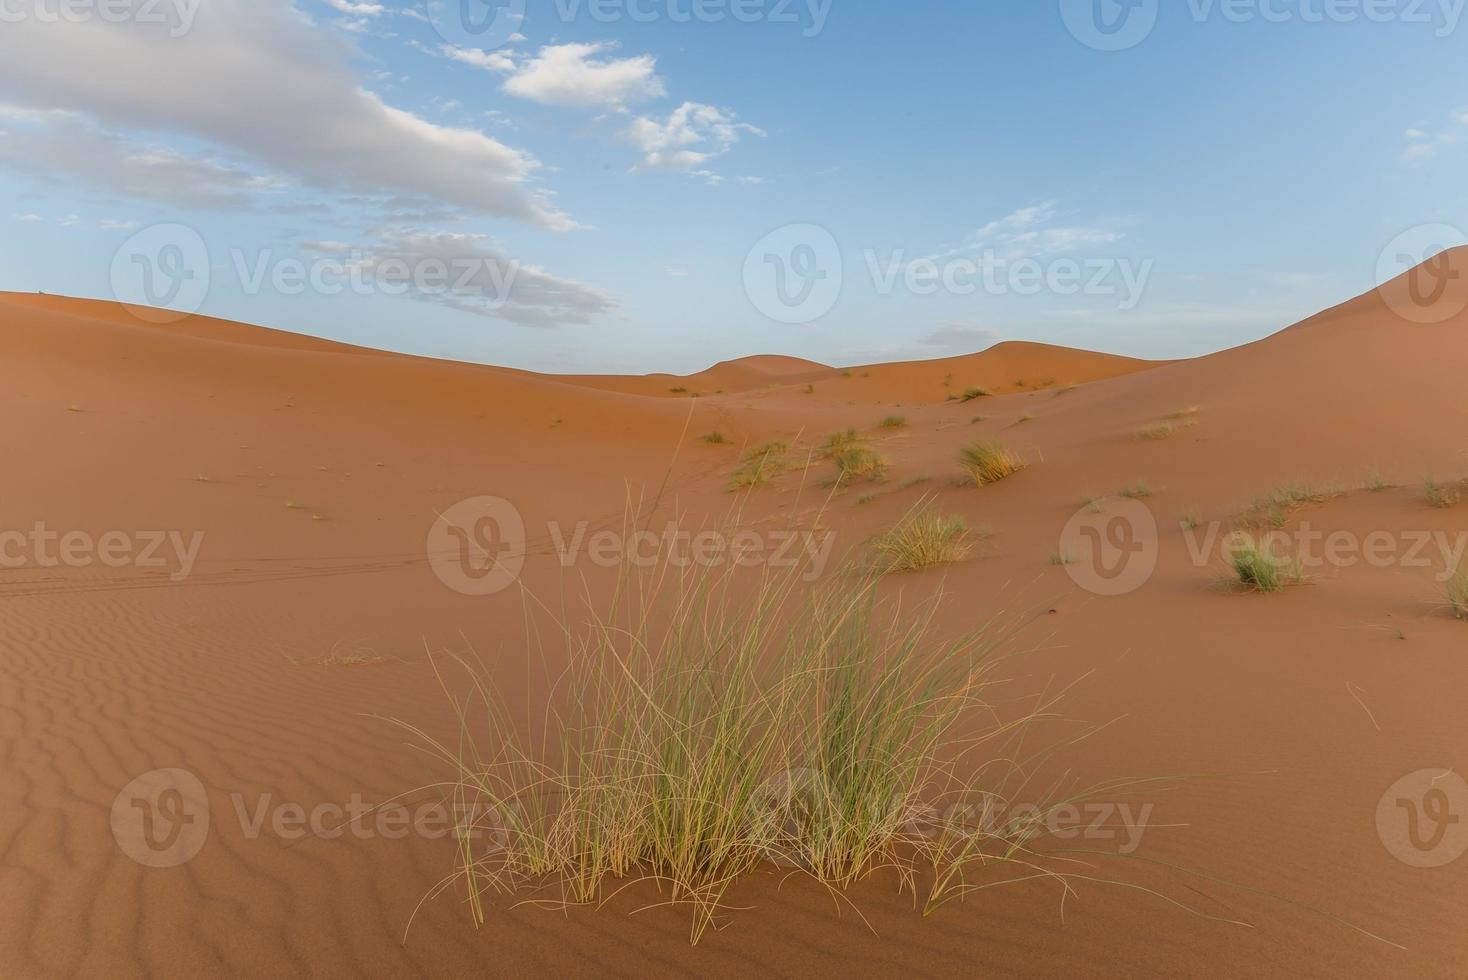 Gras in der marokkanischen Wüste foto